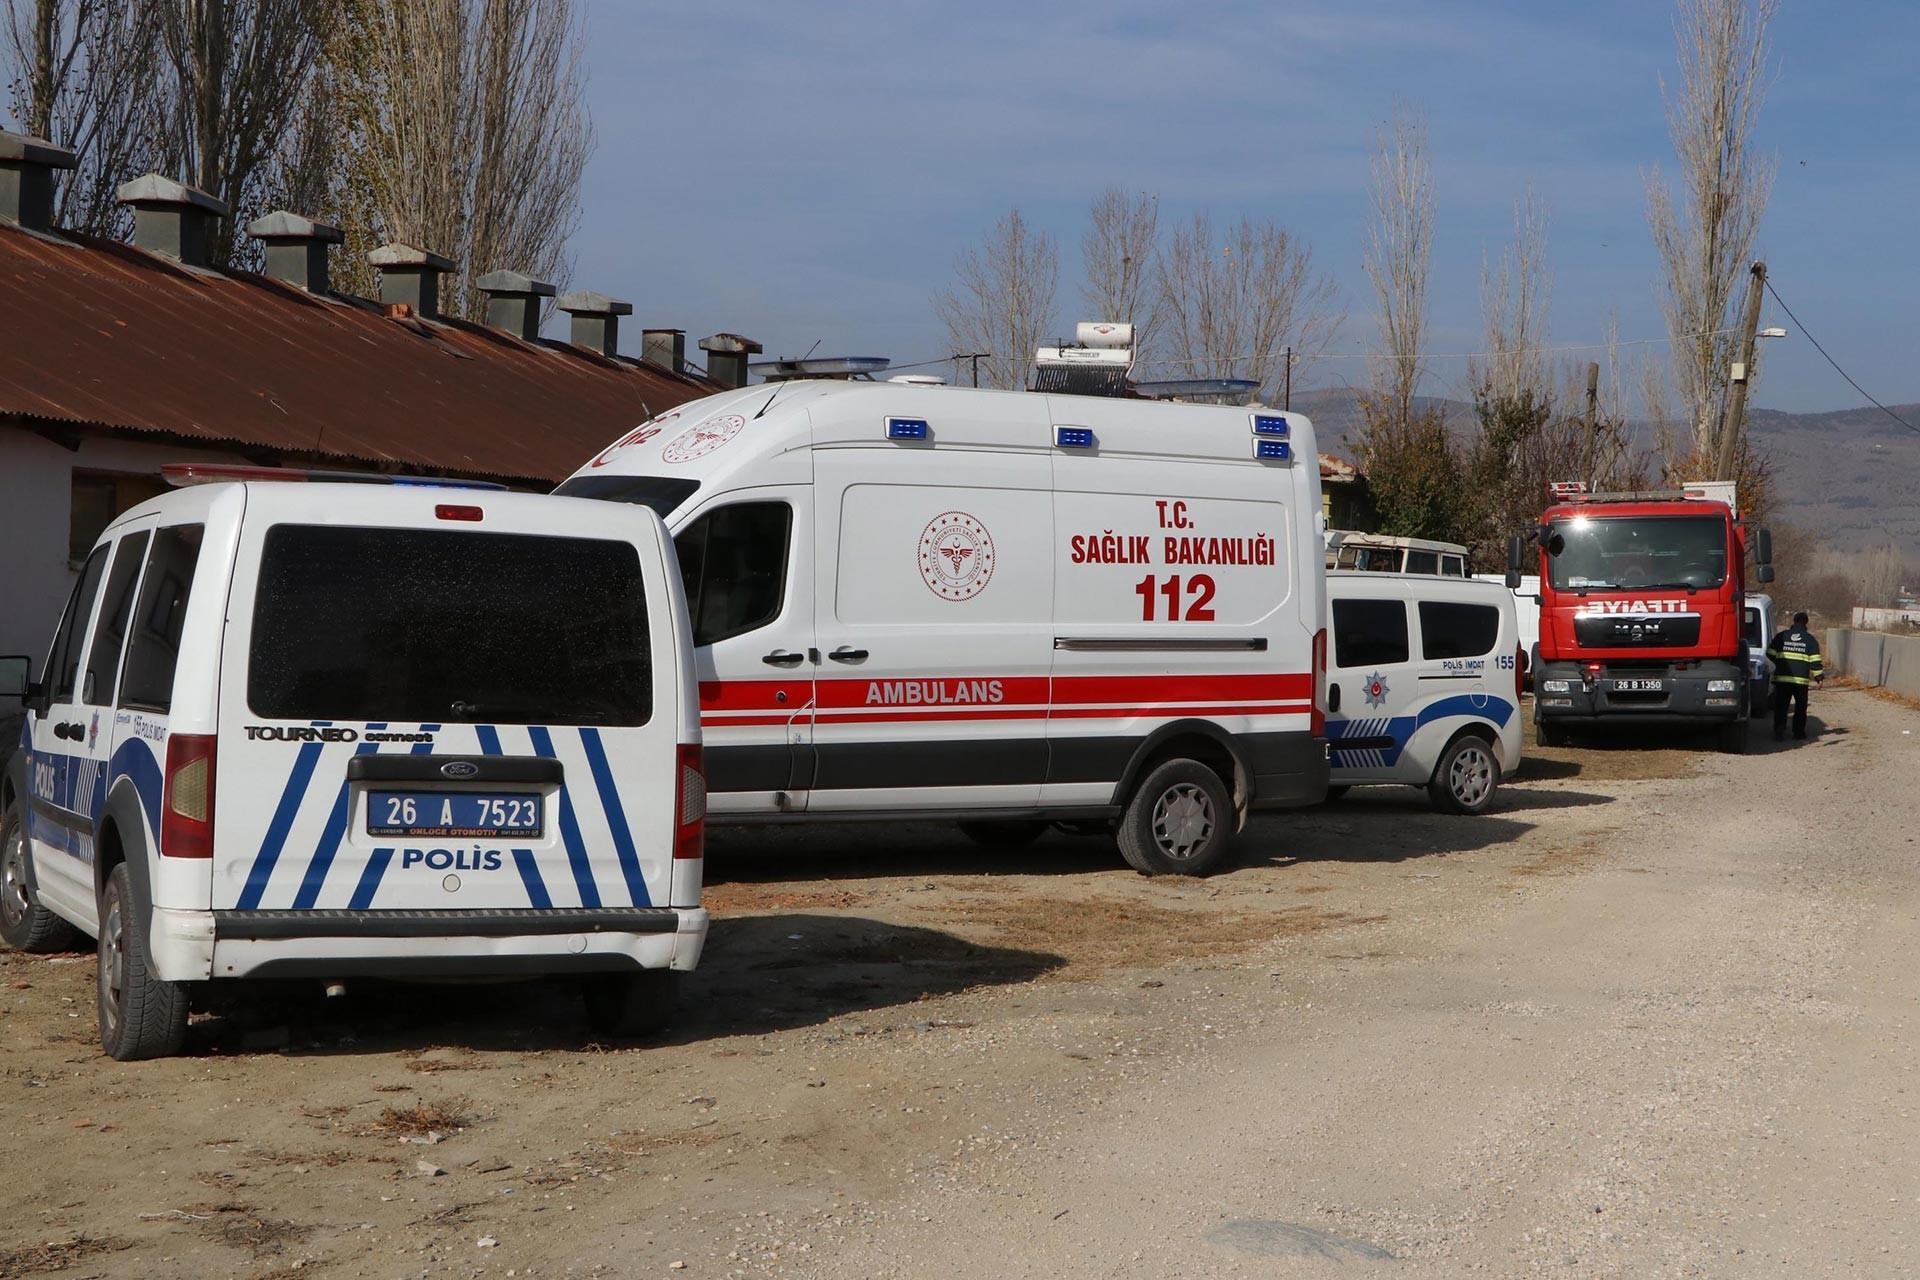 Eskişehir'de iş cinayetinin yaşandığı yer